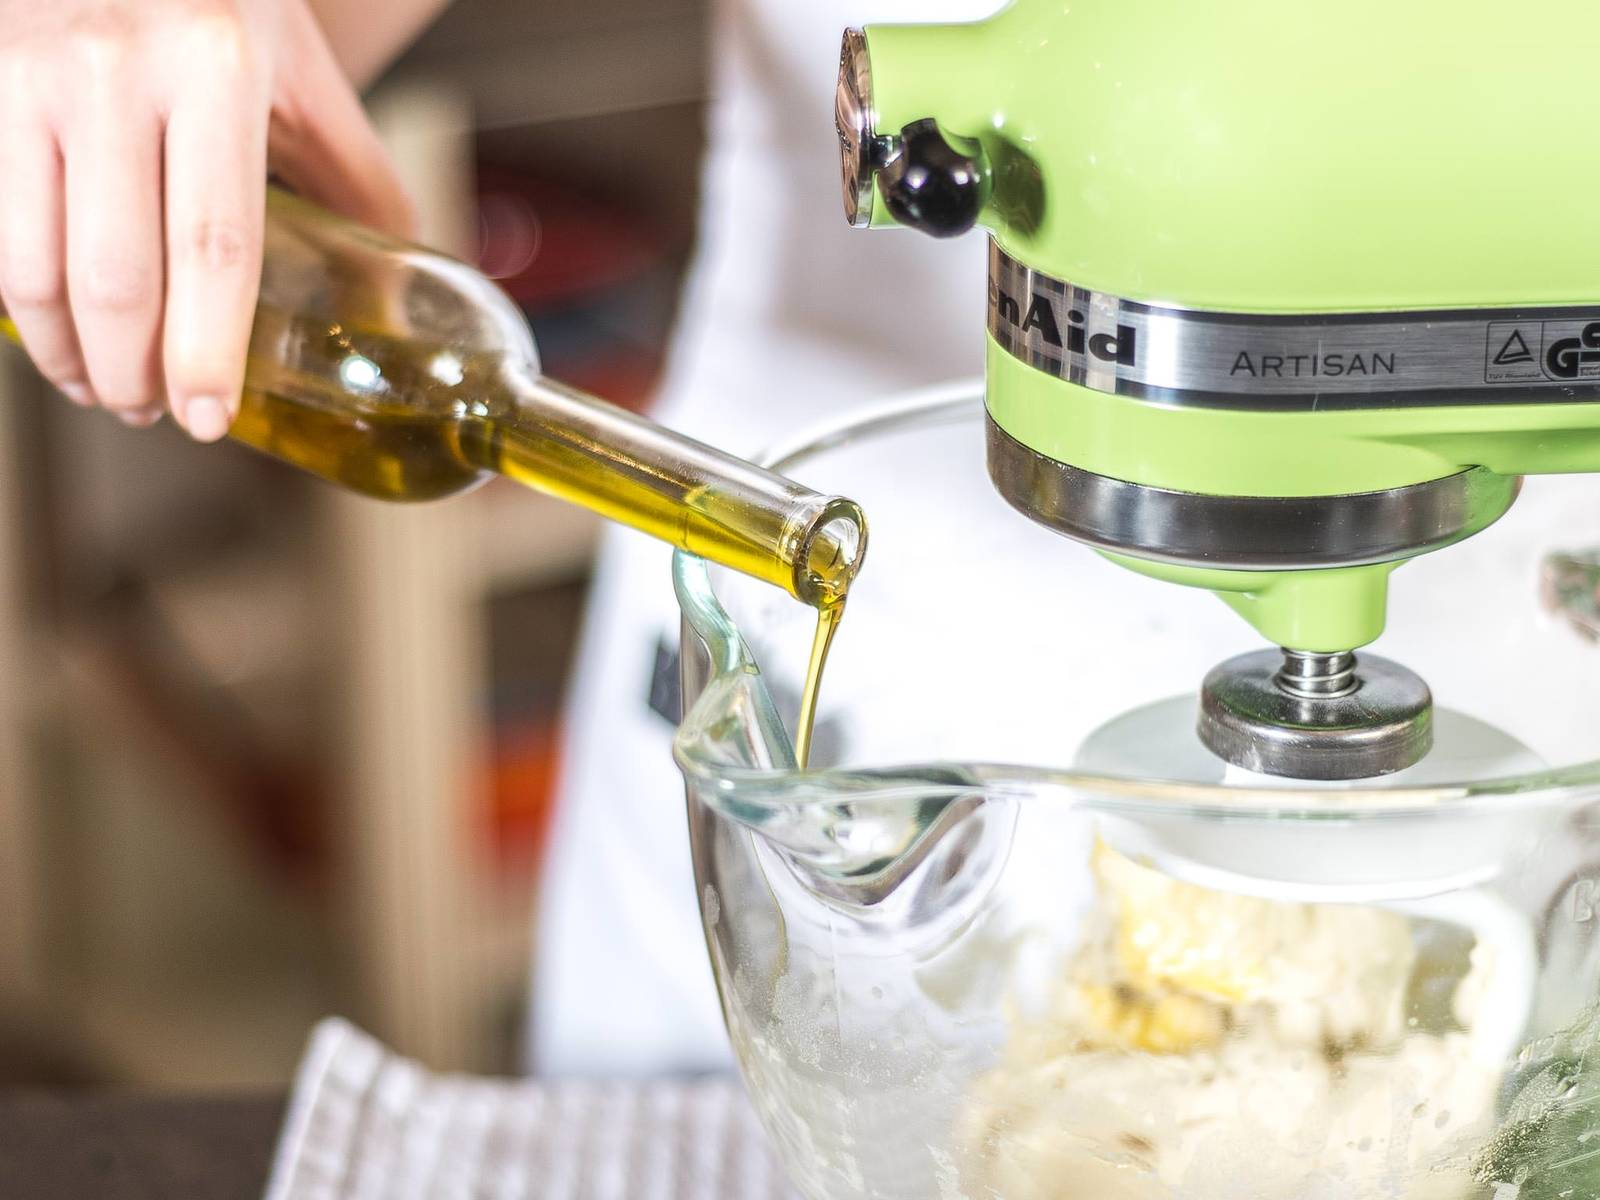 再加入橄榄油揉成面团。